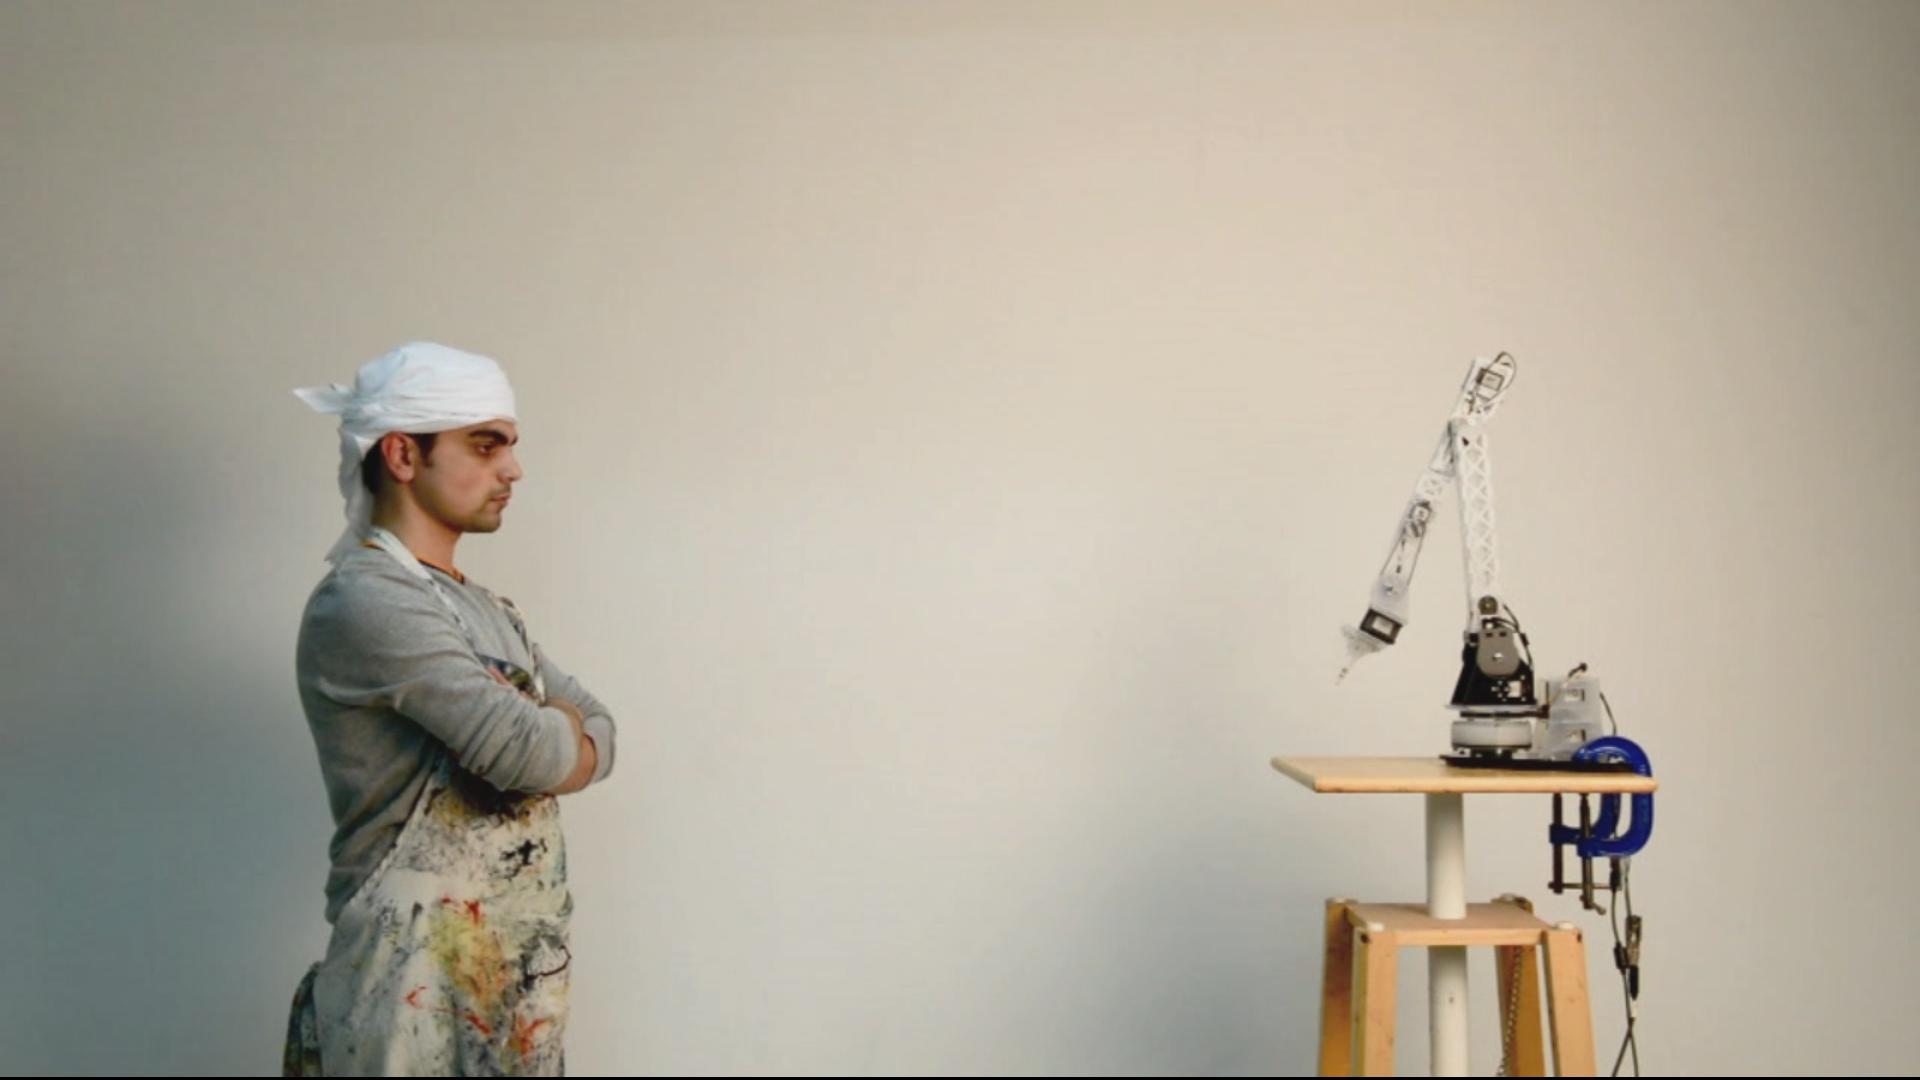 Hayder-Robot1.jpg